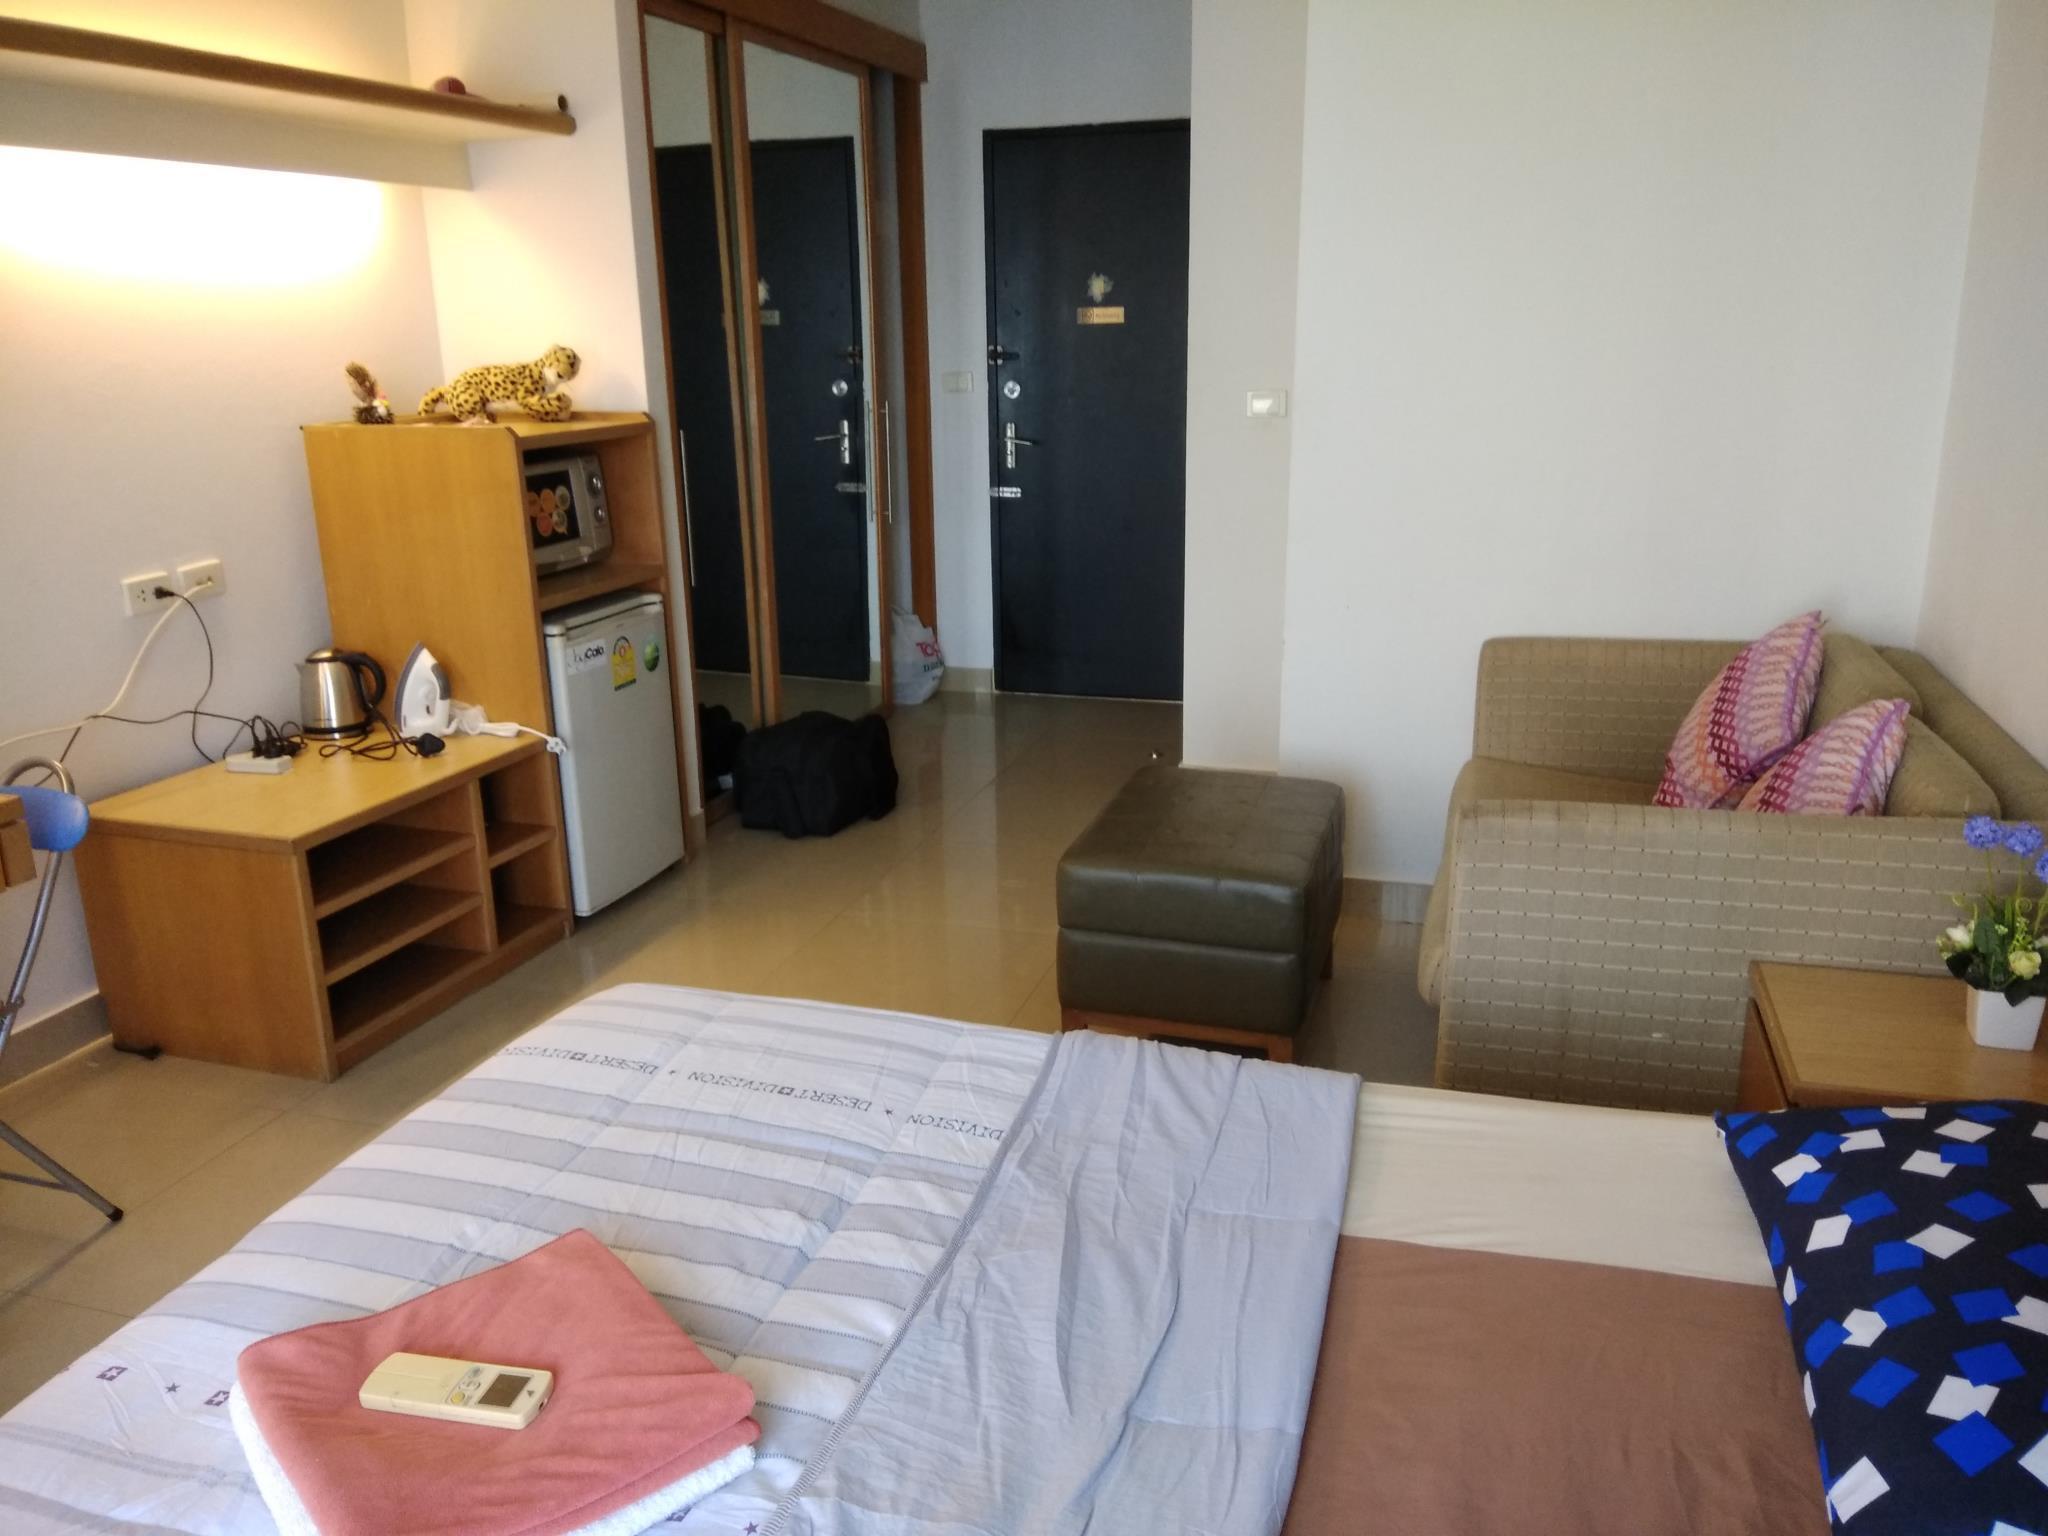 HomeStay Premium(1) near Bkk/Piyavet hospital